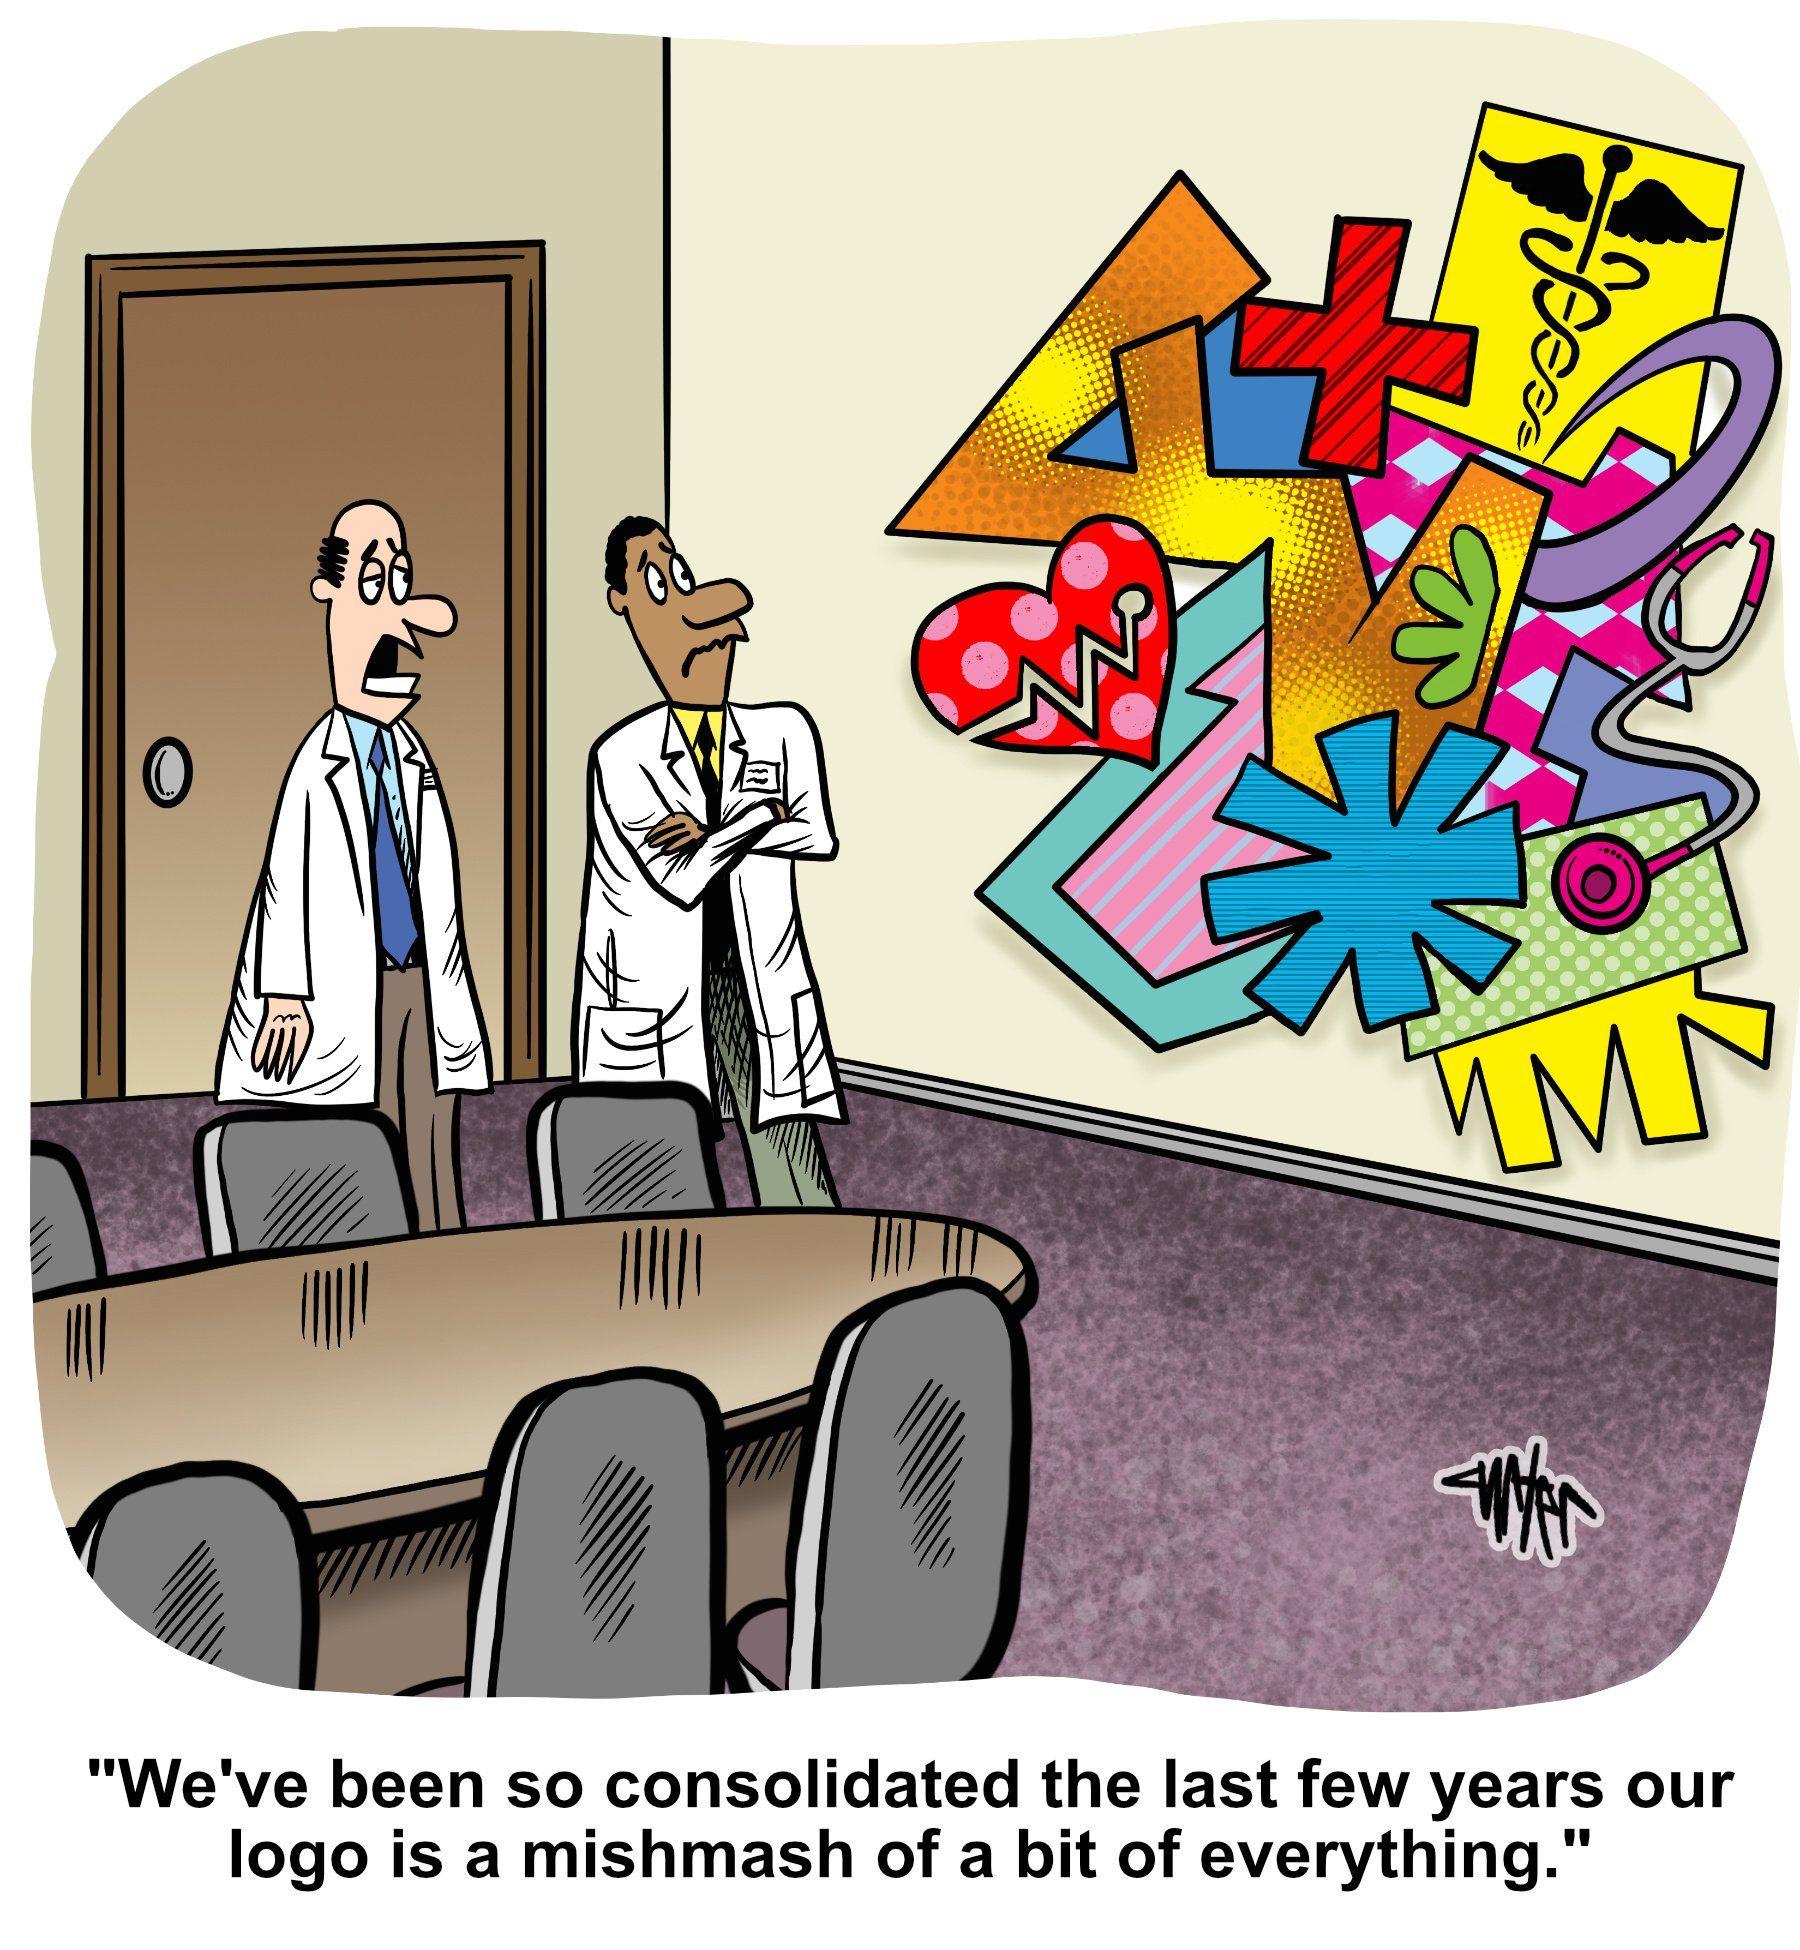 Medical Economics cartoon: When mergers go too far